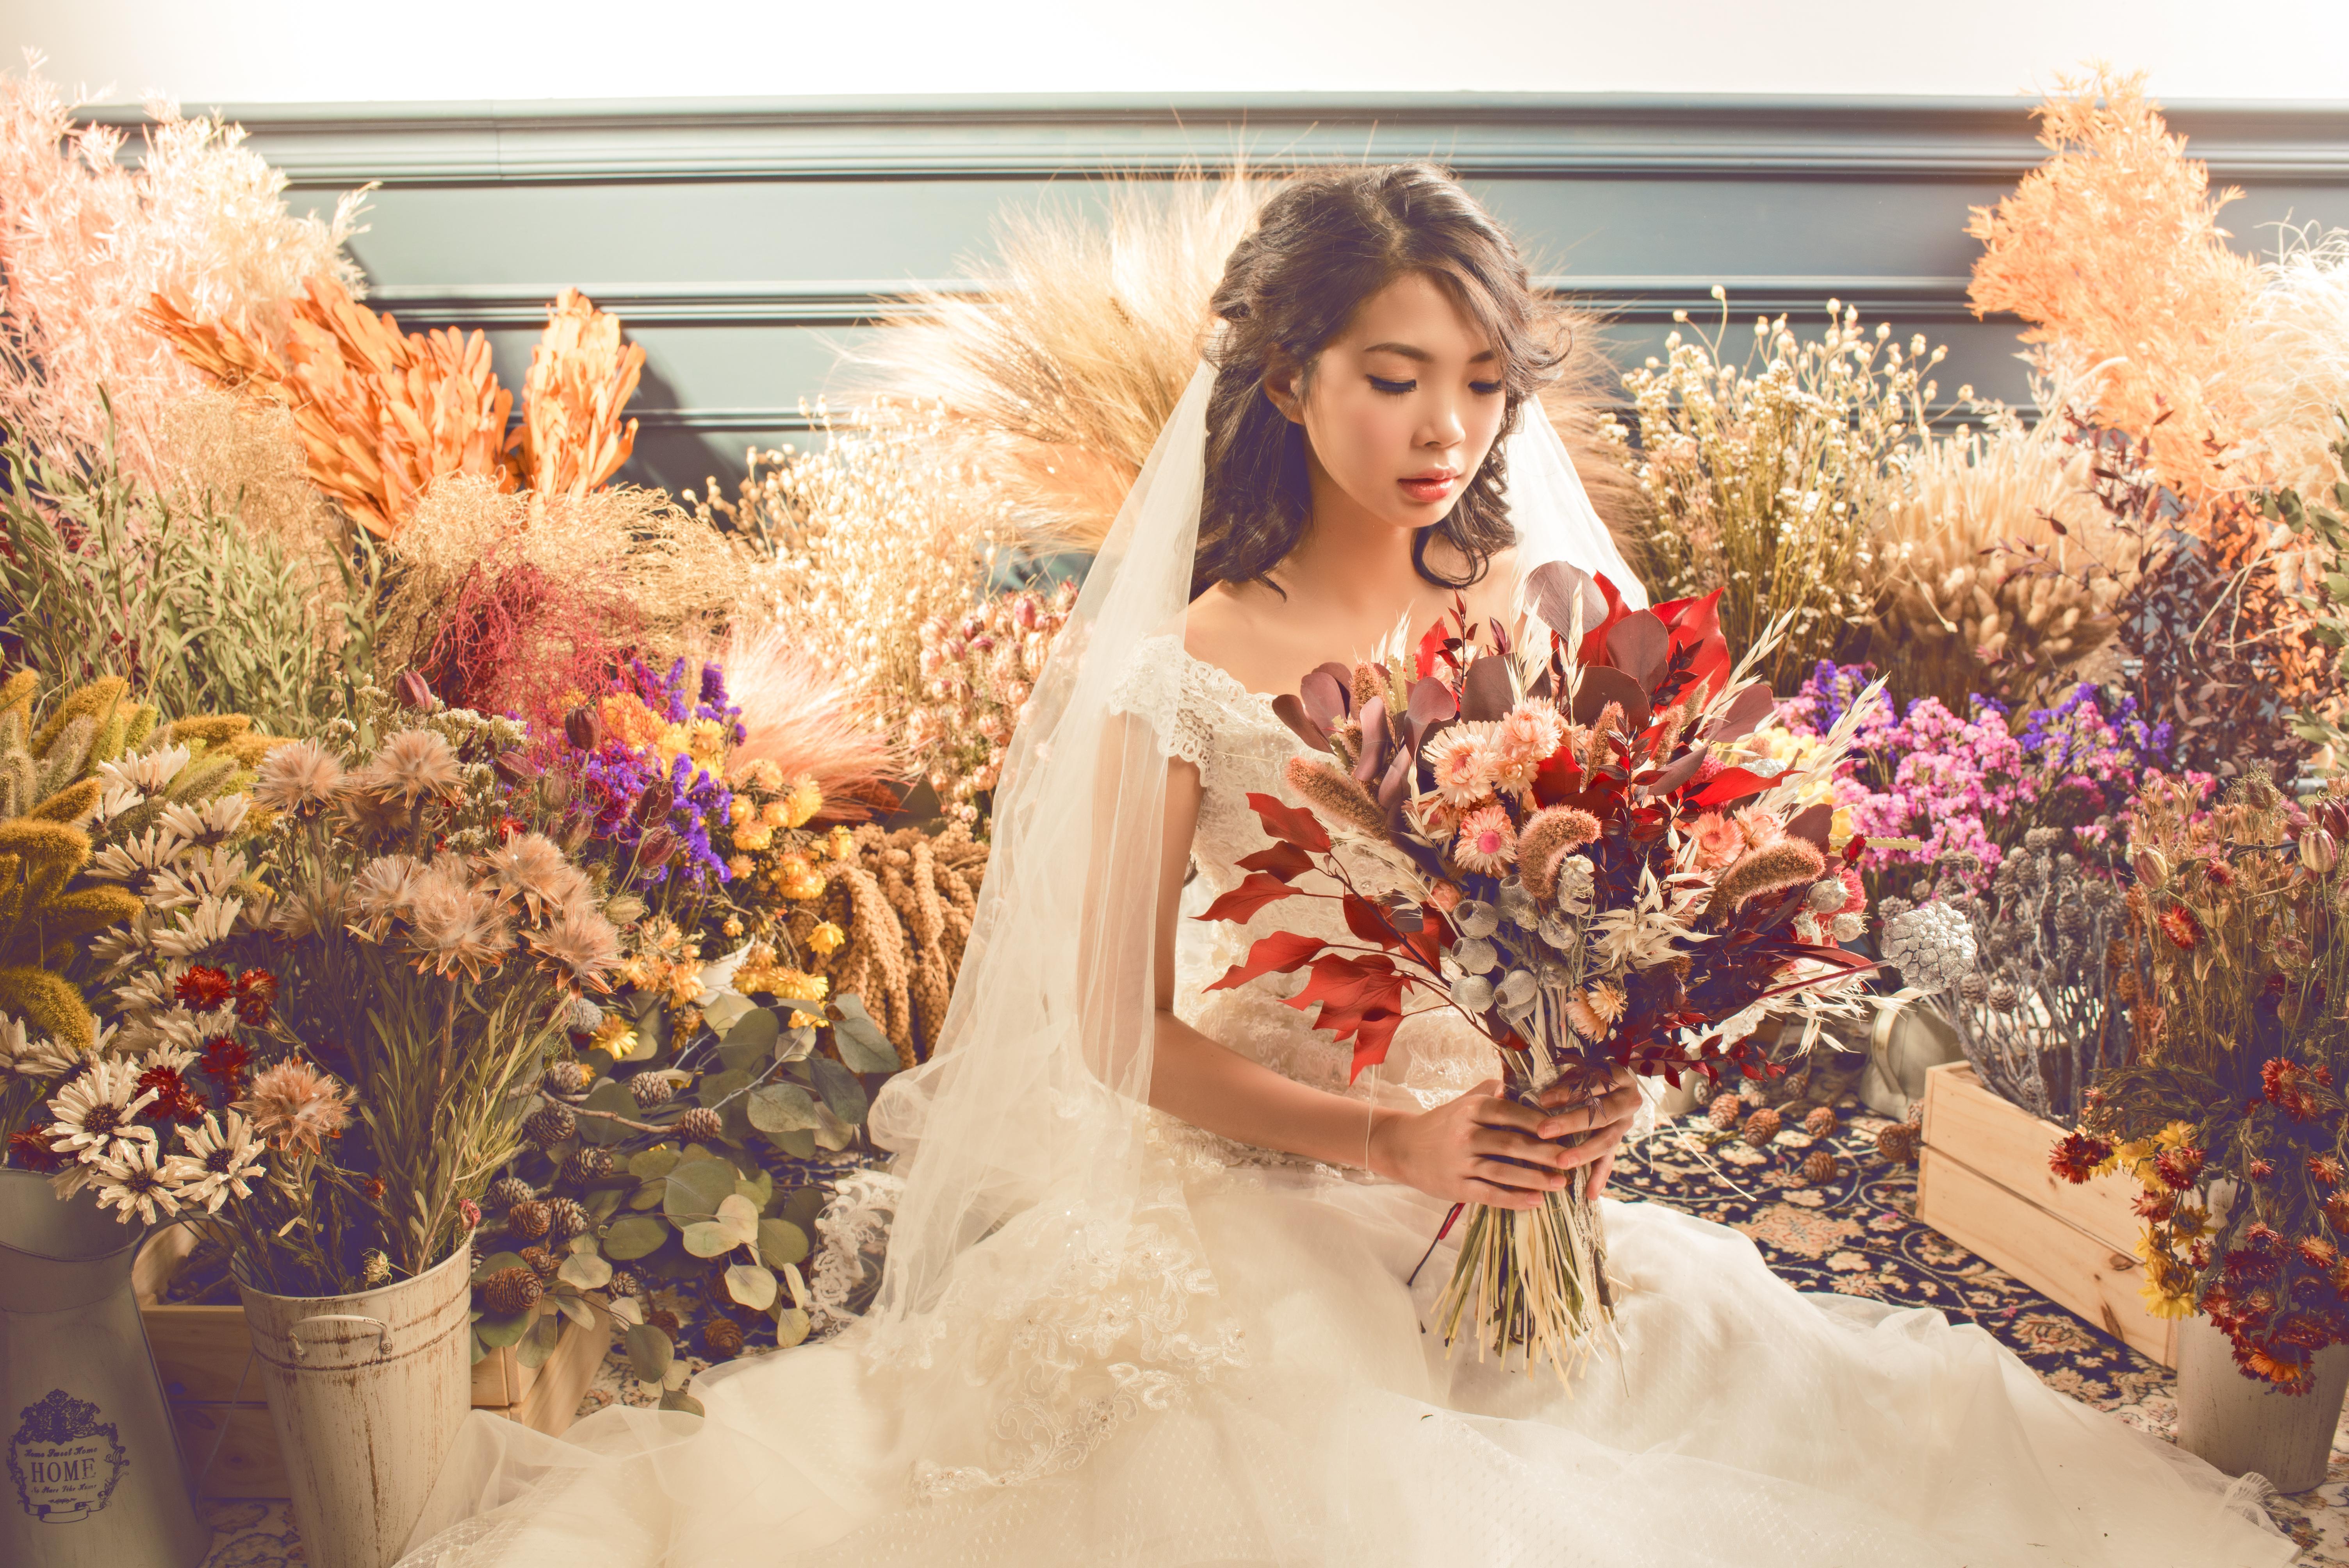 台中婚紗推薦,台中婚紗拍攝,台中婚紗攝影,婚紗台中拍攝,婚紗拍攝台中